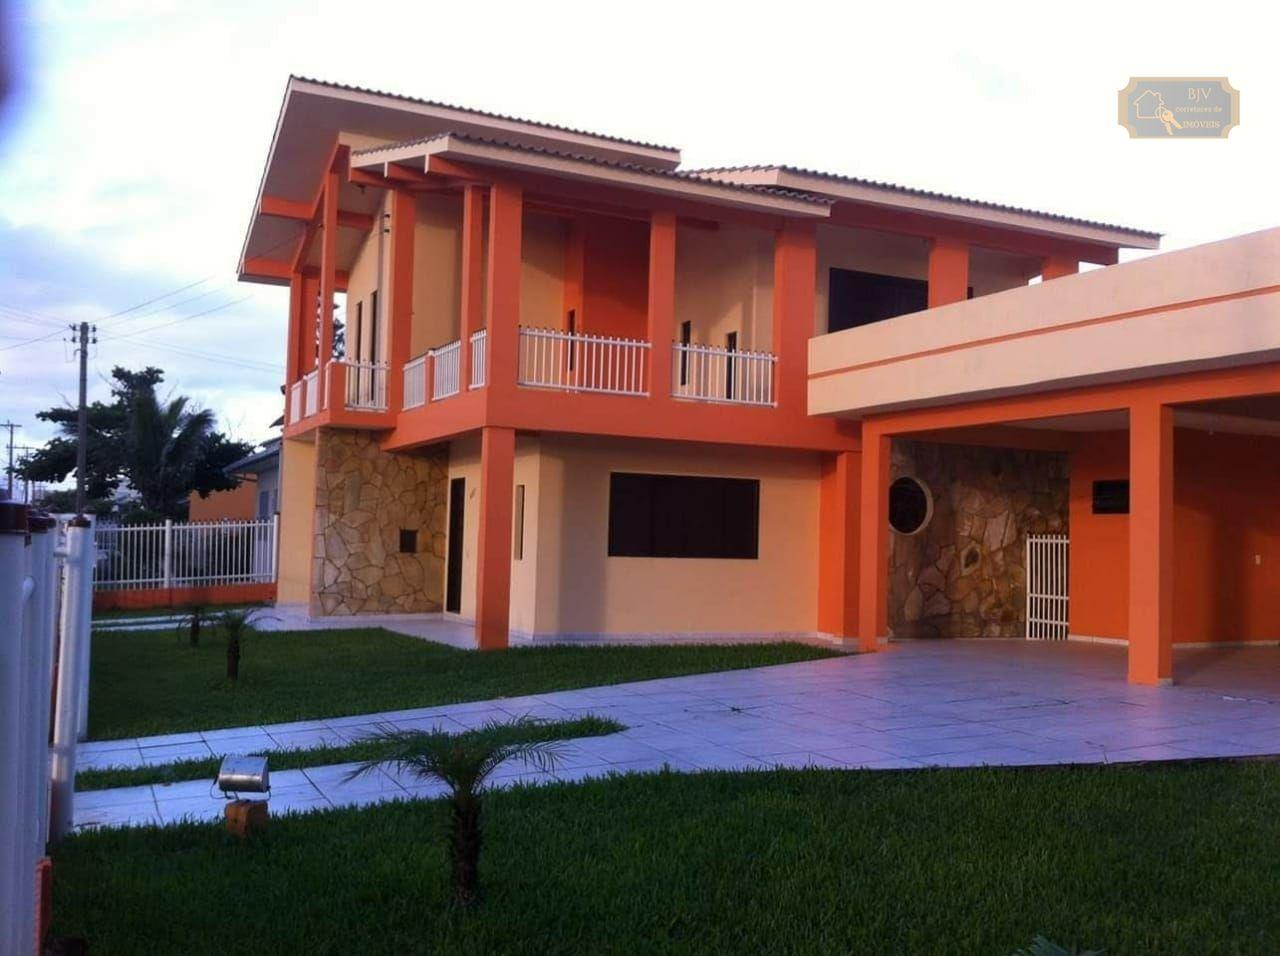 Casa à venda  no Socopas - Balneário Arroio do Silva, SC. Imóveis